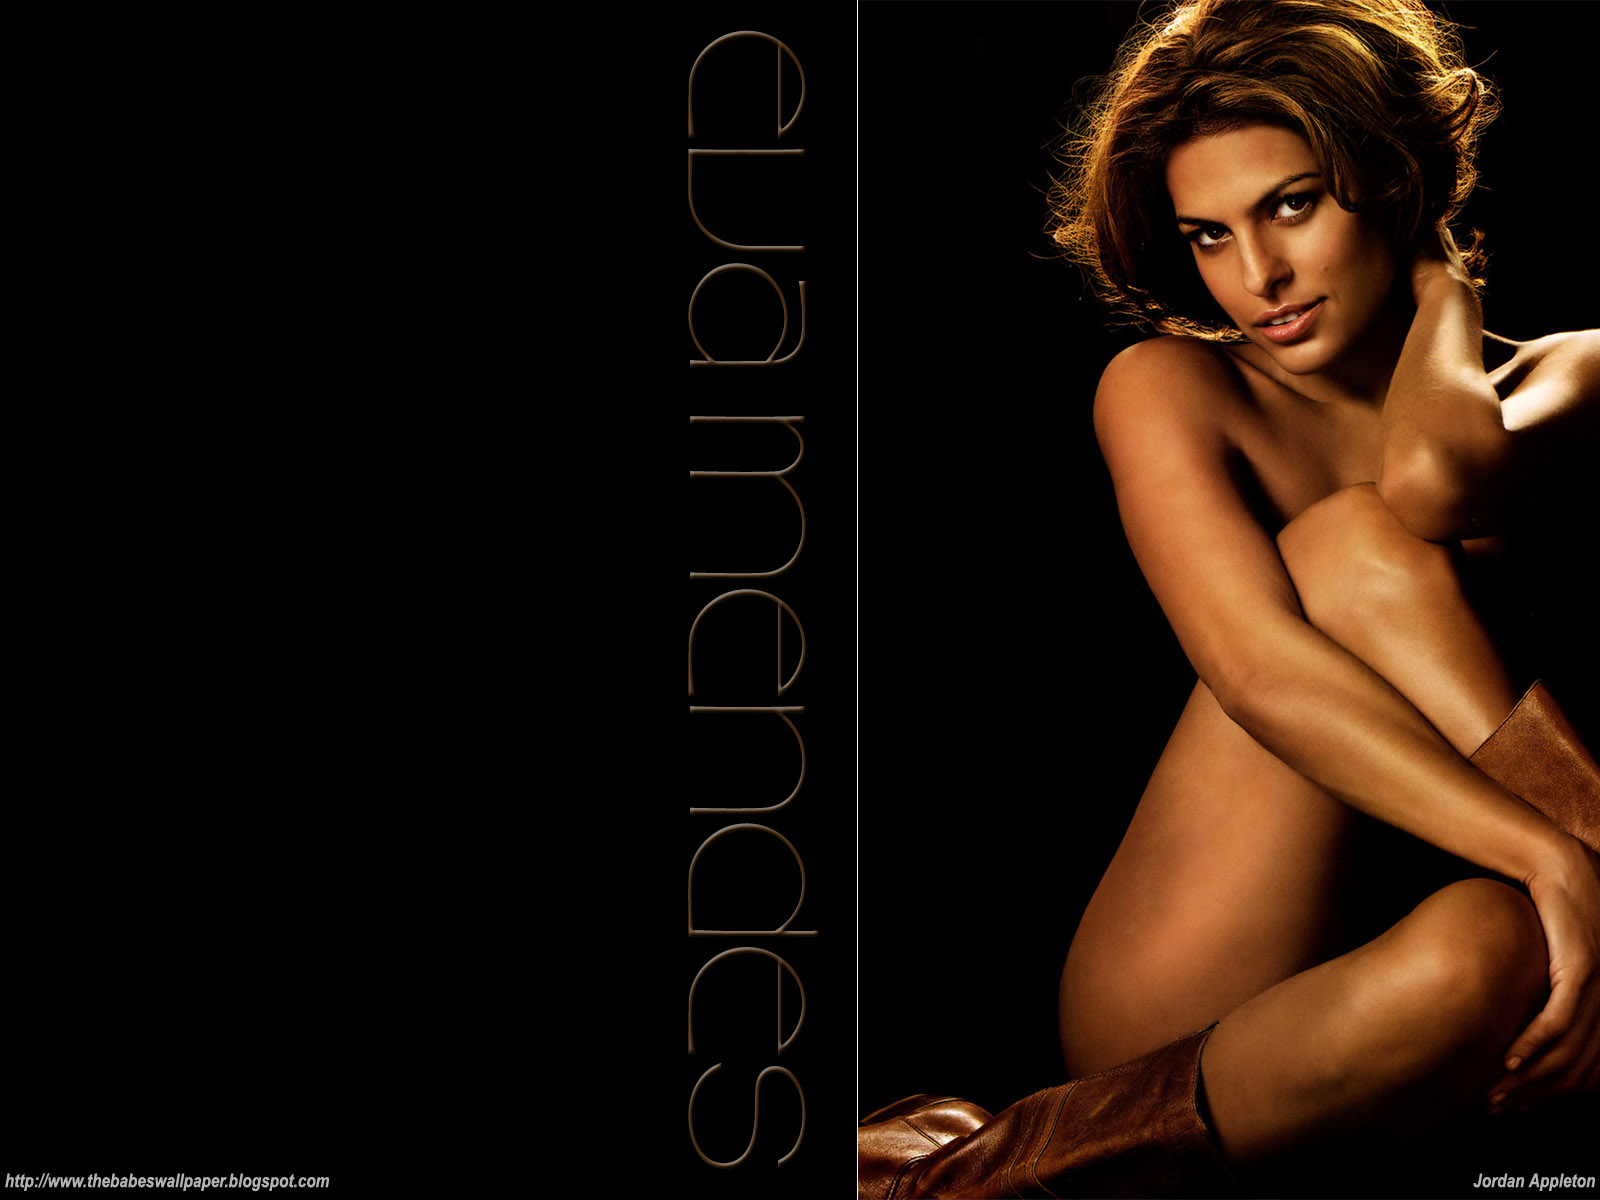 http://1.bp.blogspot.com/-PCI96hHMOH4/TwyoyR5S5GI/AAAAAAAAc34/ee01TwN8NVk/s1600/Eva-Mendes-Wallpapers-2010-2.jpg